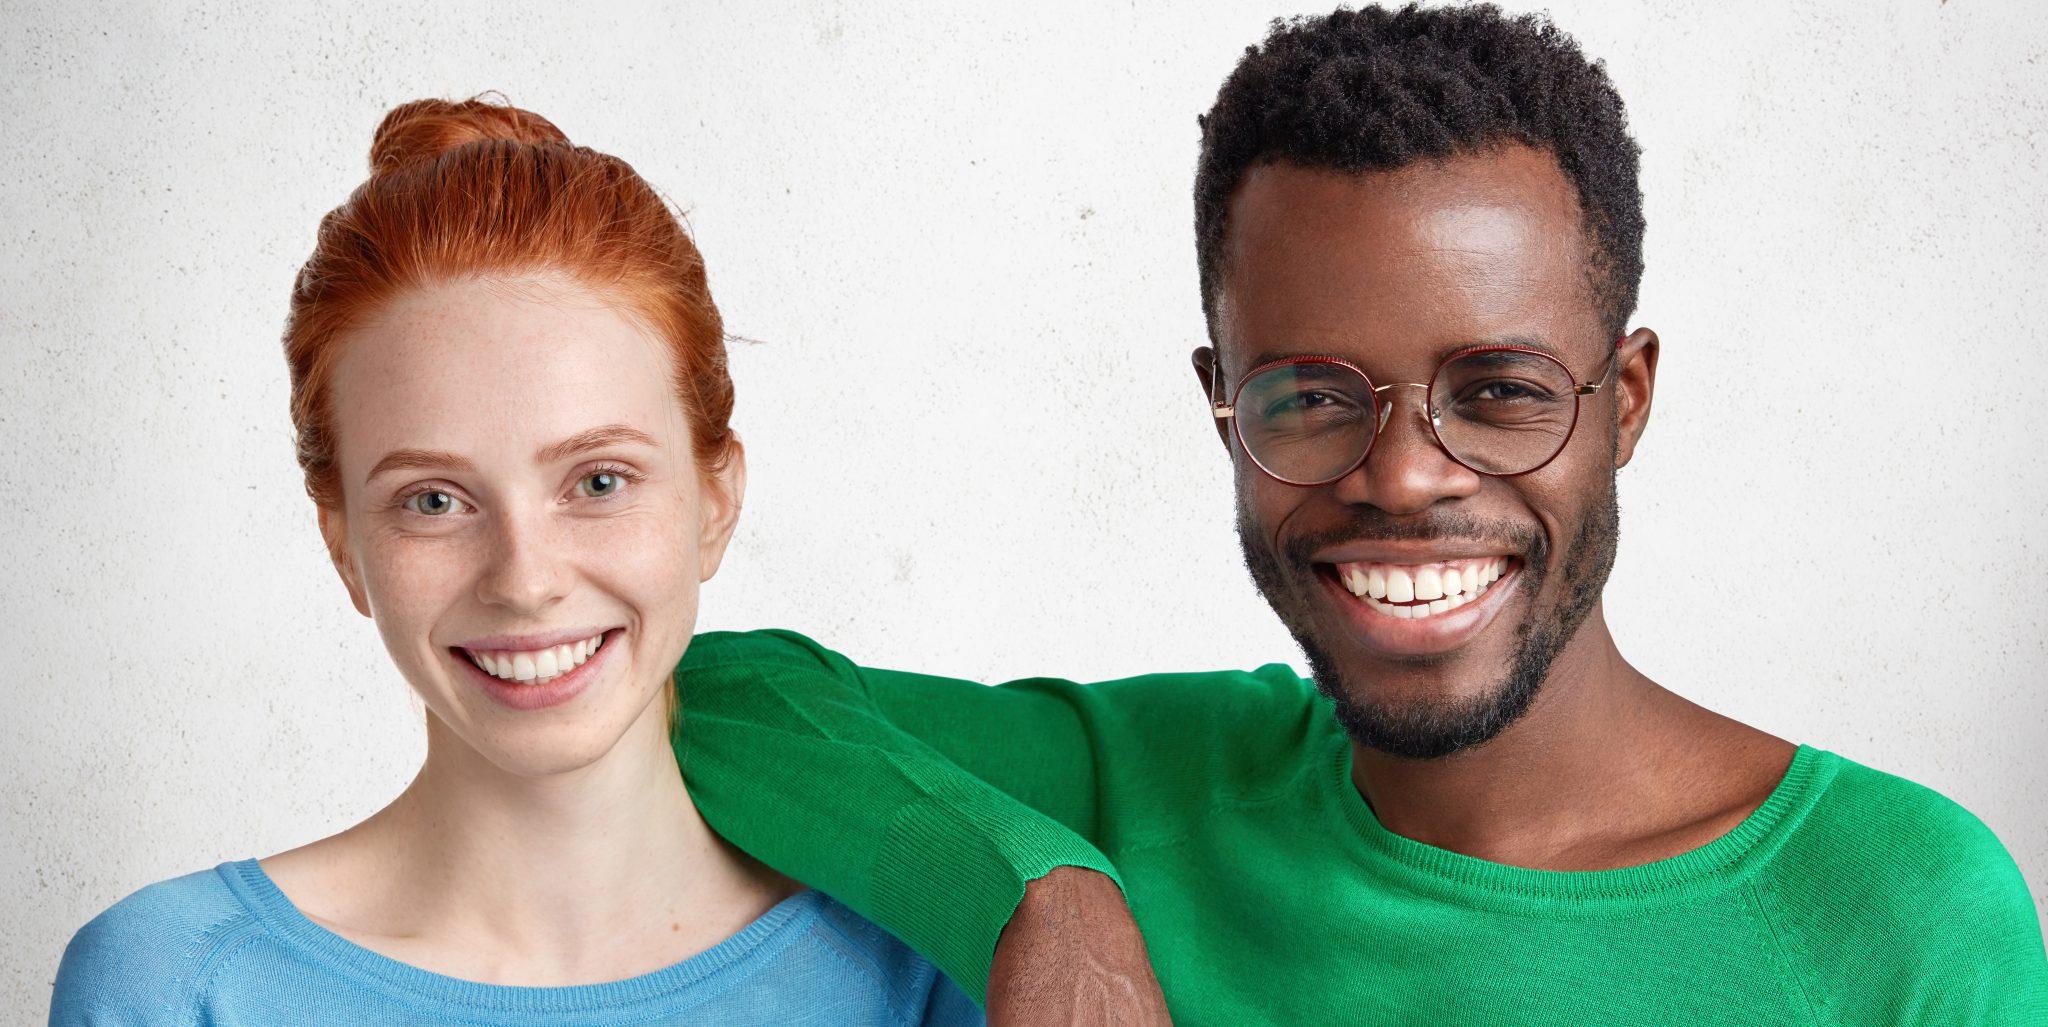 Genetske variante barve kože afroameričanov so povezane s pomanjkanjem vitamina D